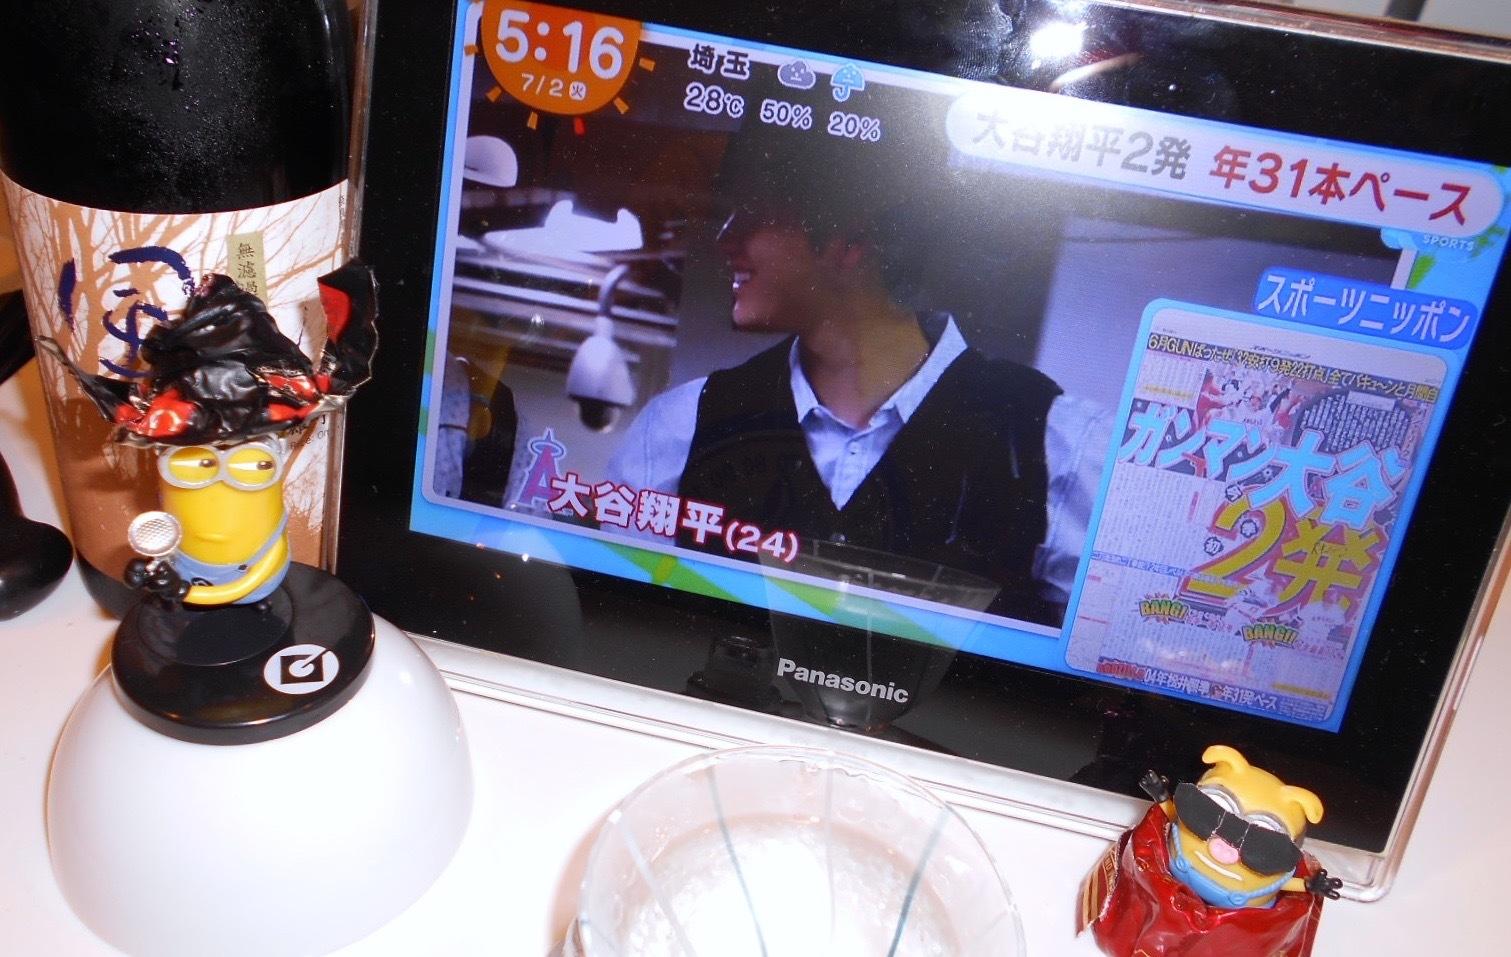 kazenomori_omachi80_30by8.jpg